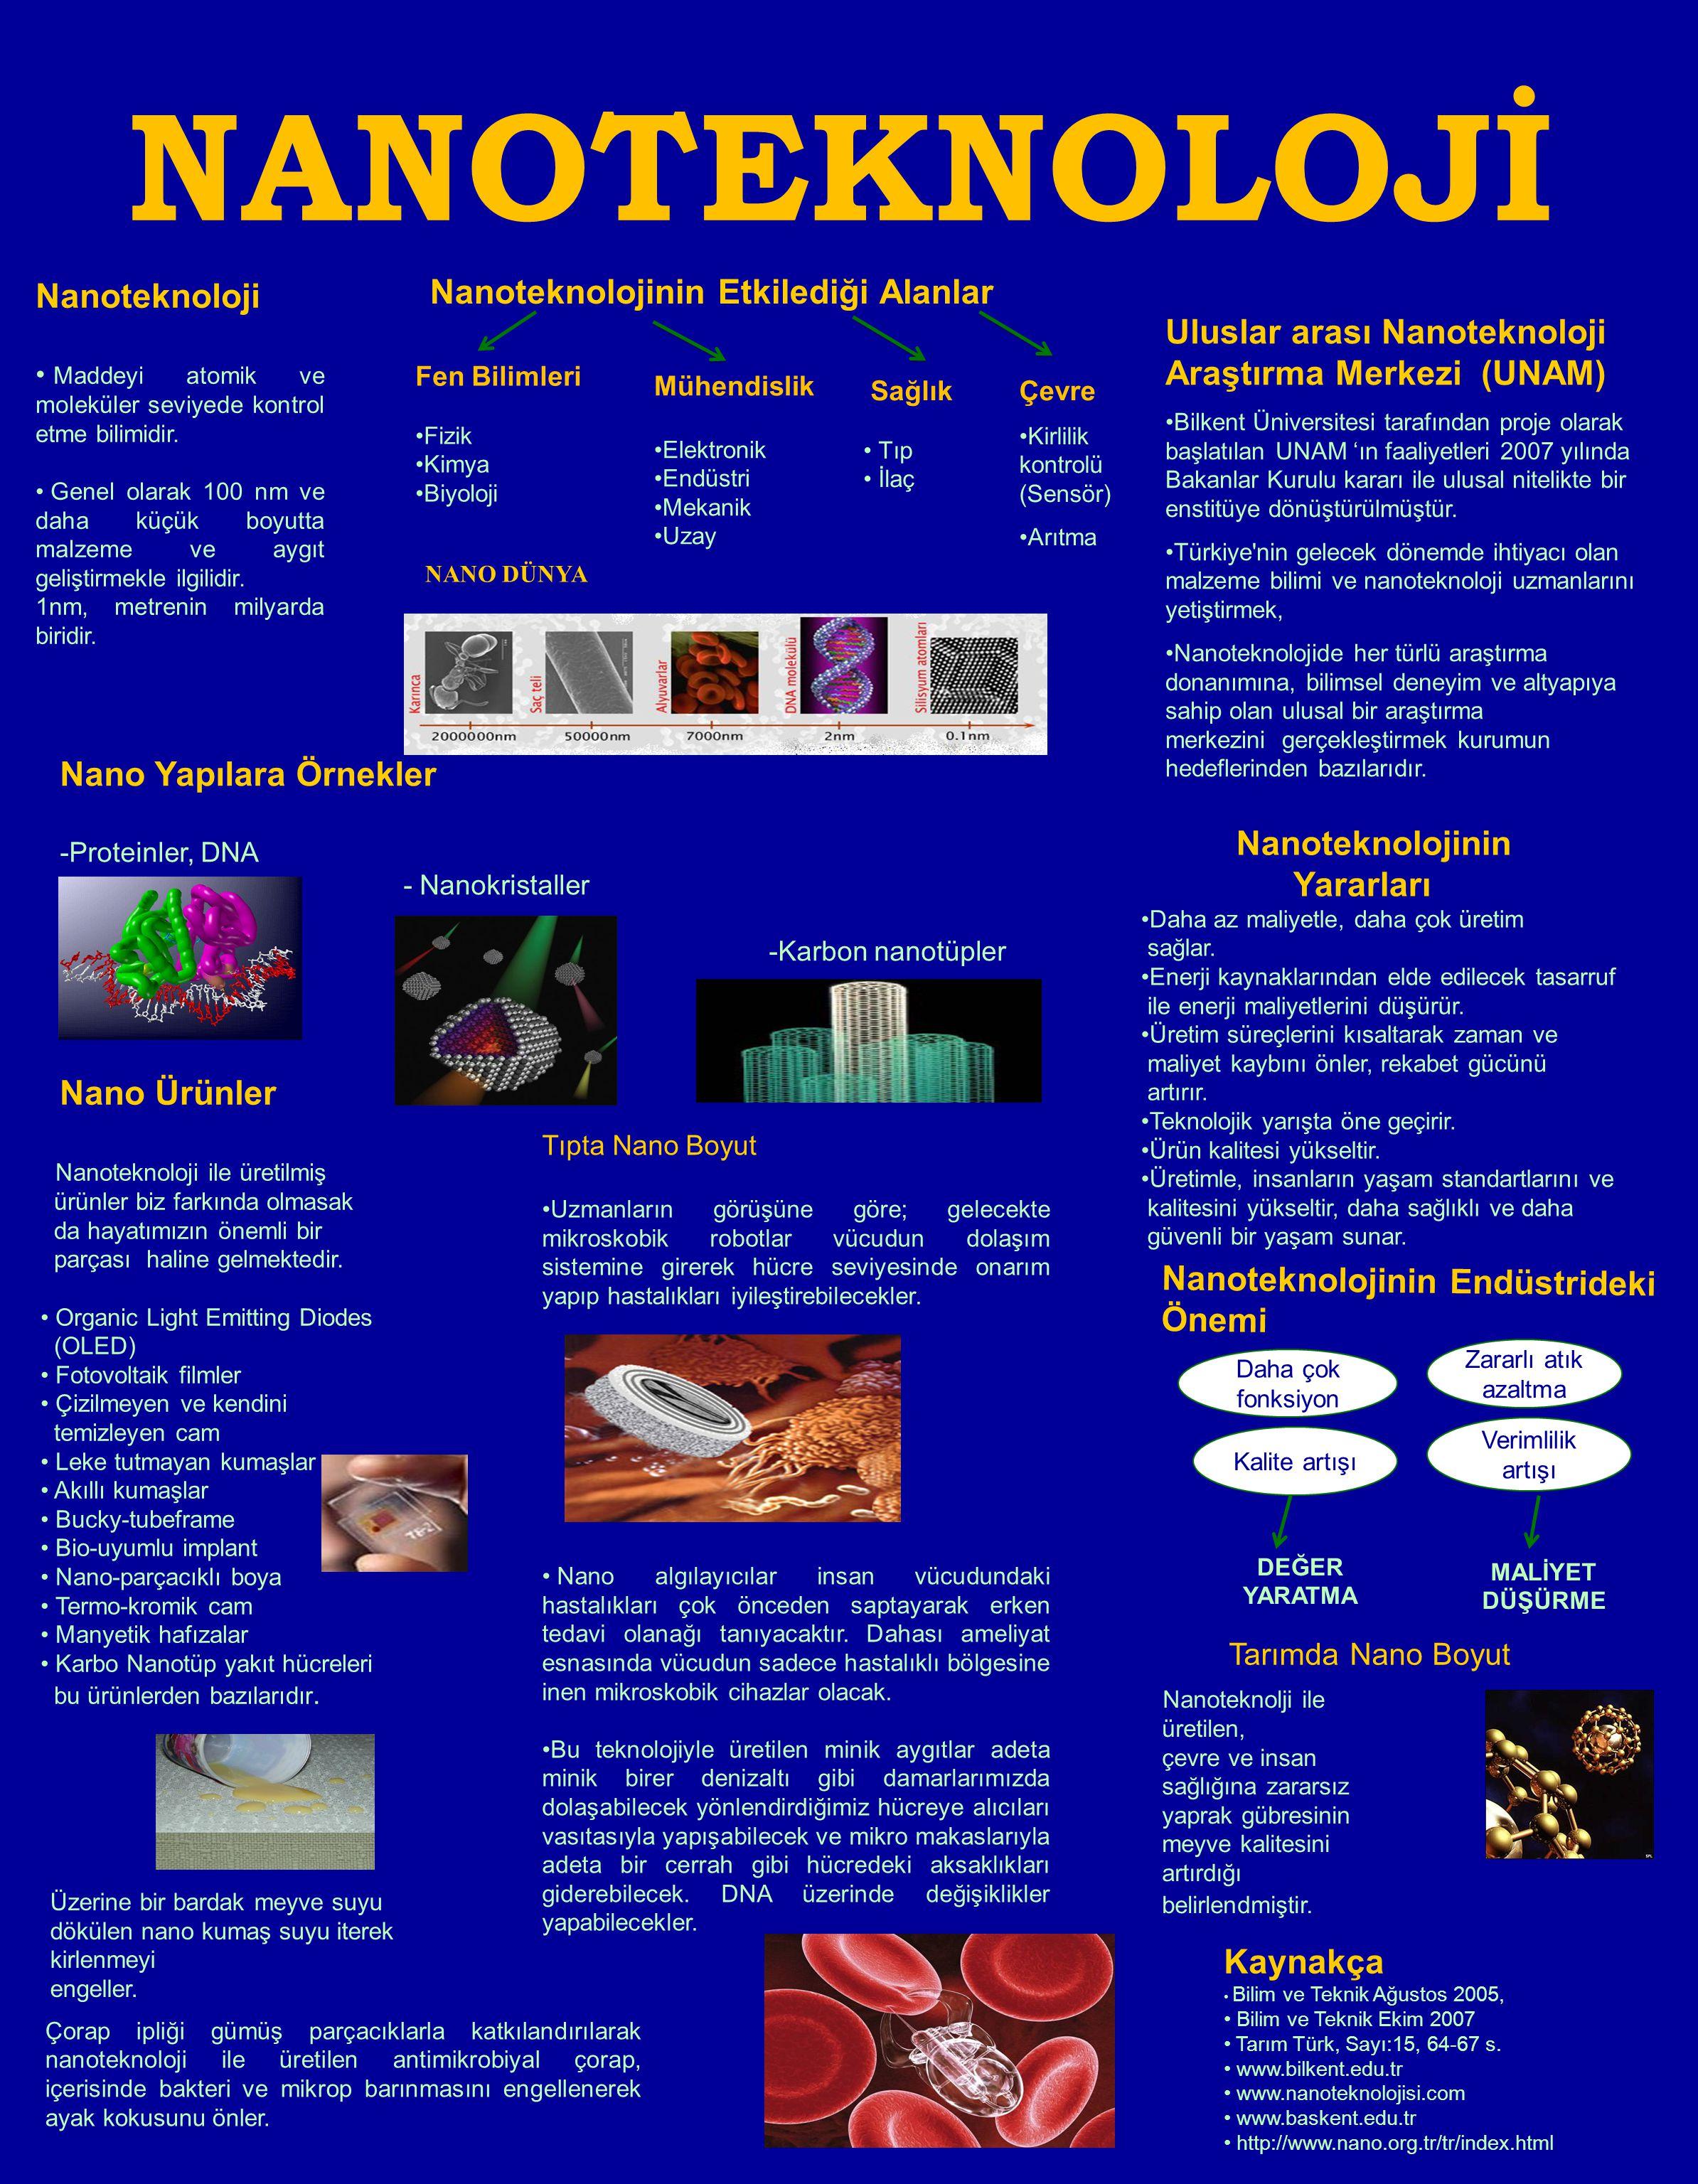 NANOTEKNOLOJİ Nanoteknolojinin Etkilediği Alanlar Nanoteknoloji